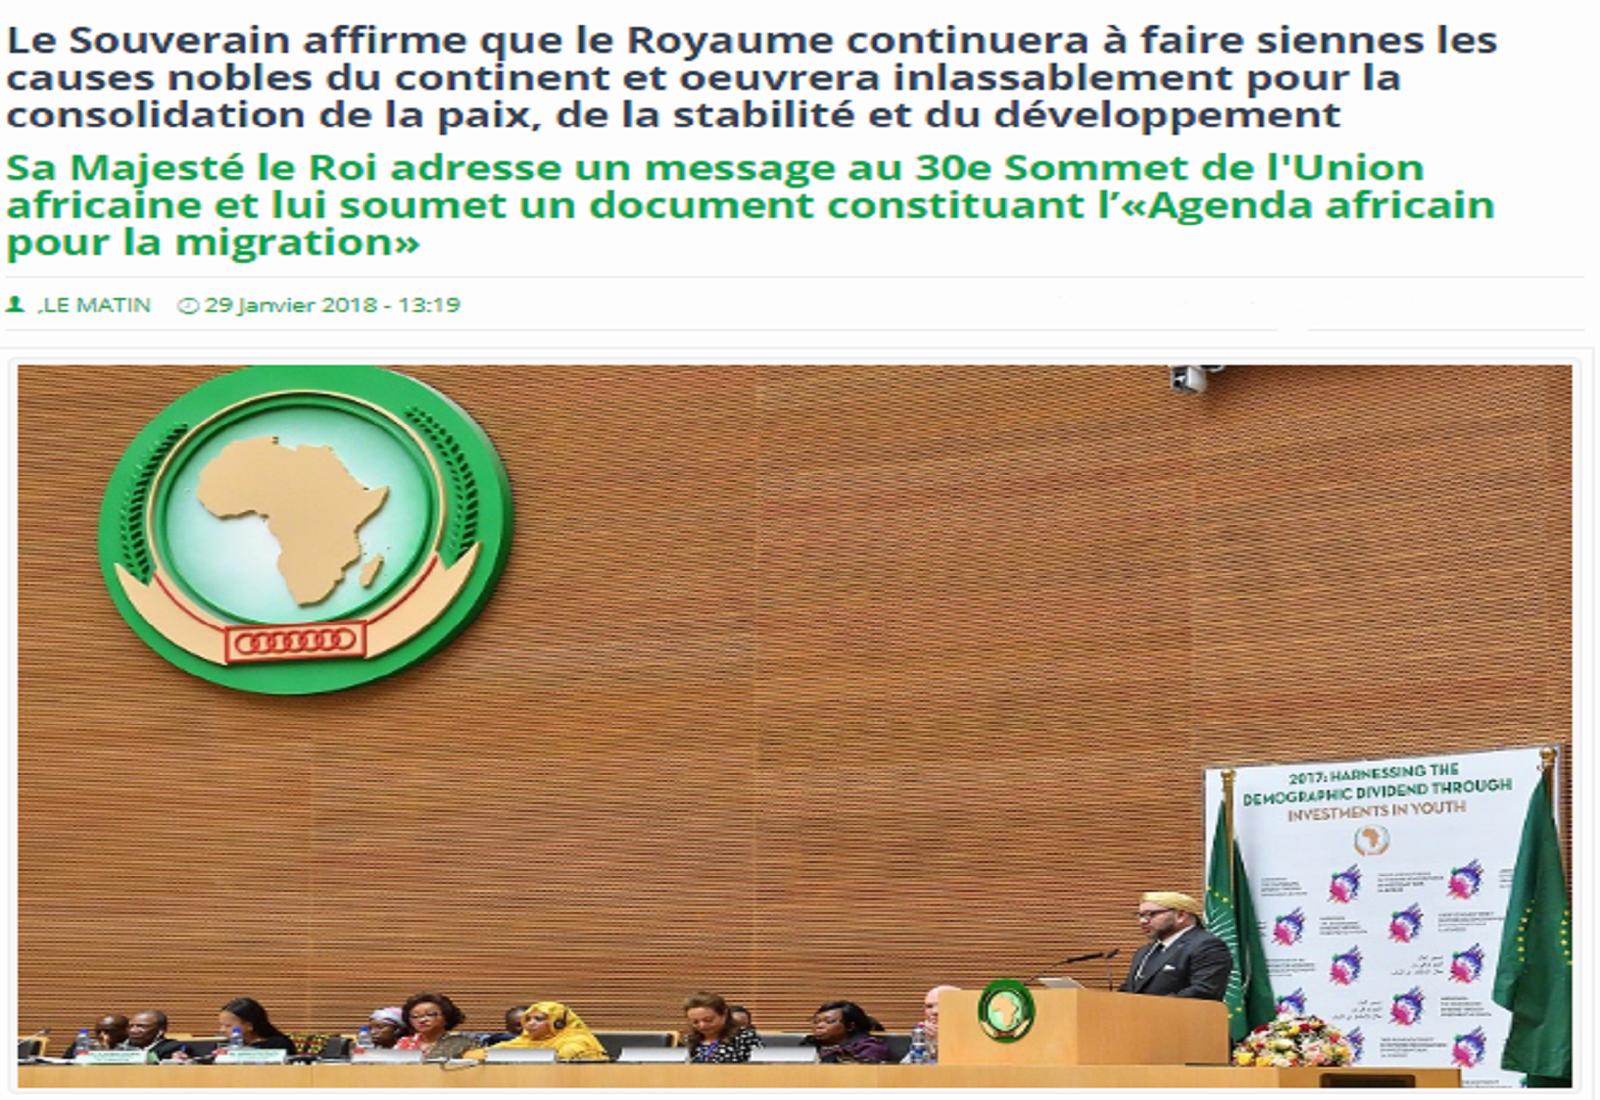 Sa Majesté le Roi adresse un message au 30e Sommet de l'Union africaine